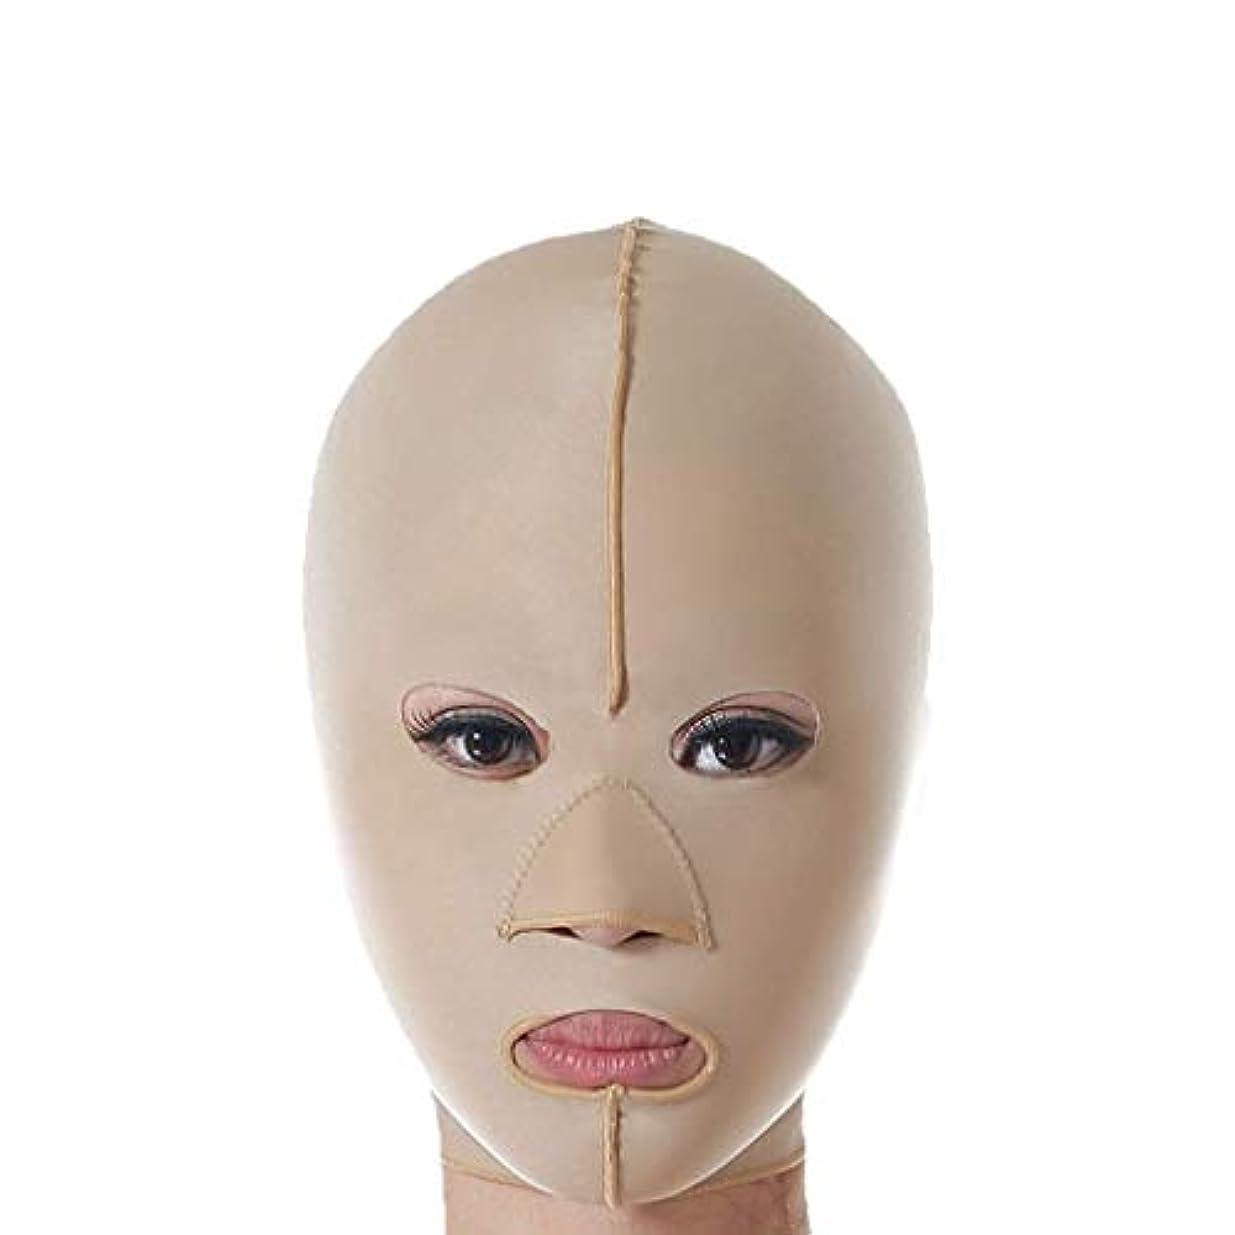 スリップ変位寸法減量フェイスマスク、リフティング包帯、スリムフェイスリフトリフティングベルト、フェイシャル減量リフティング包帯、リフティングファーミング包帯(サイズ:XL),XL